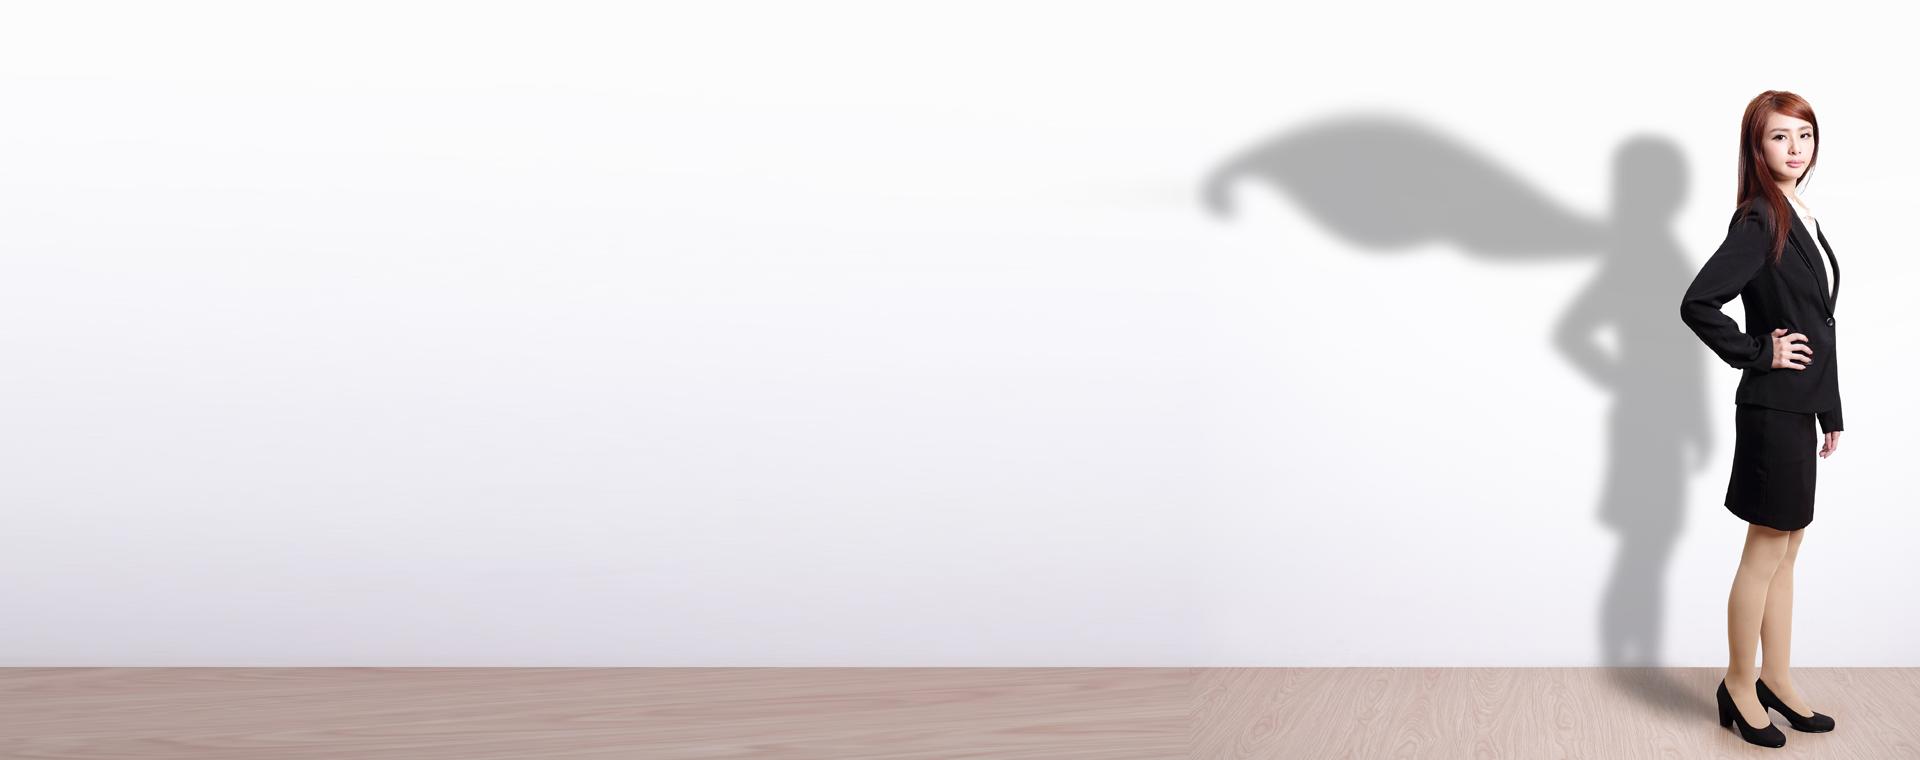 Frau vor Wand mit Schatten in Form eines Superhelden-Umhangs